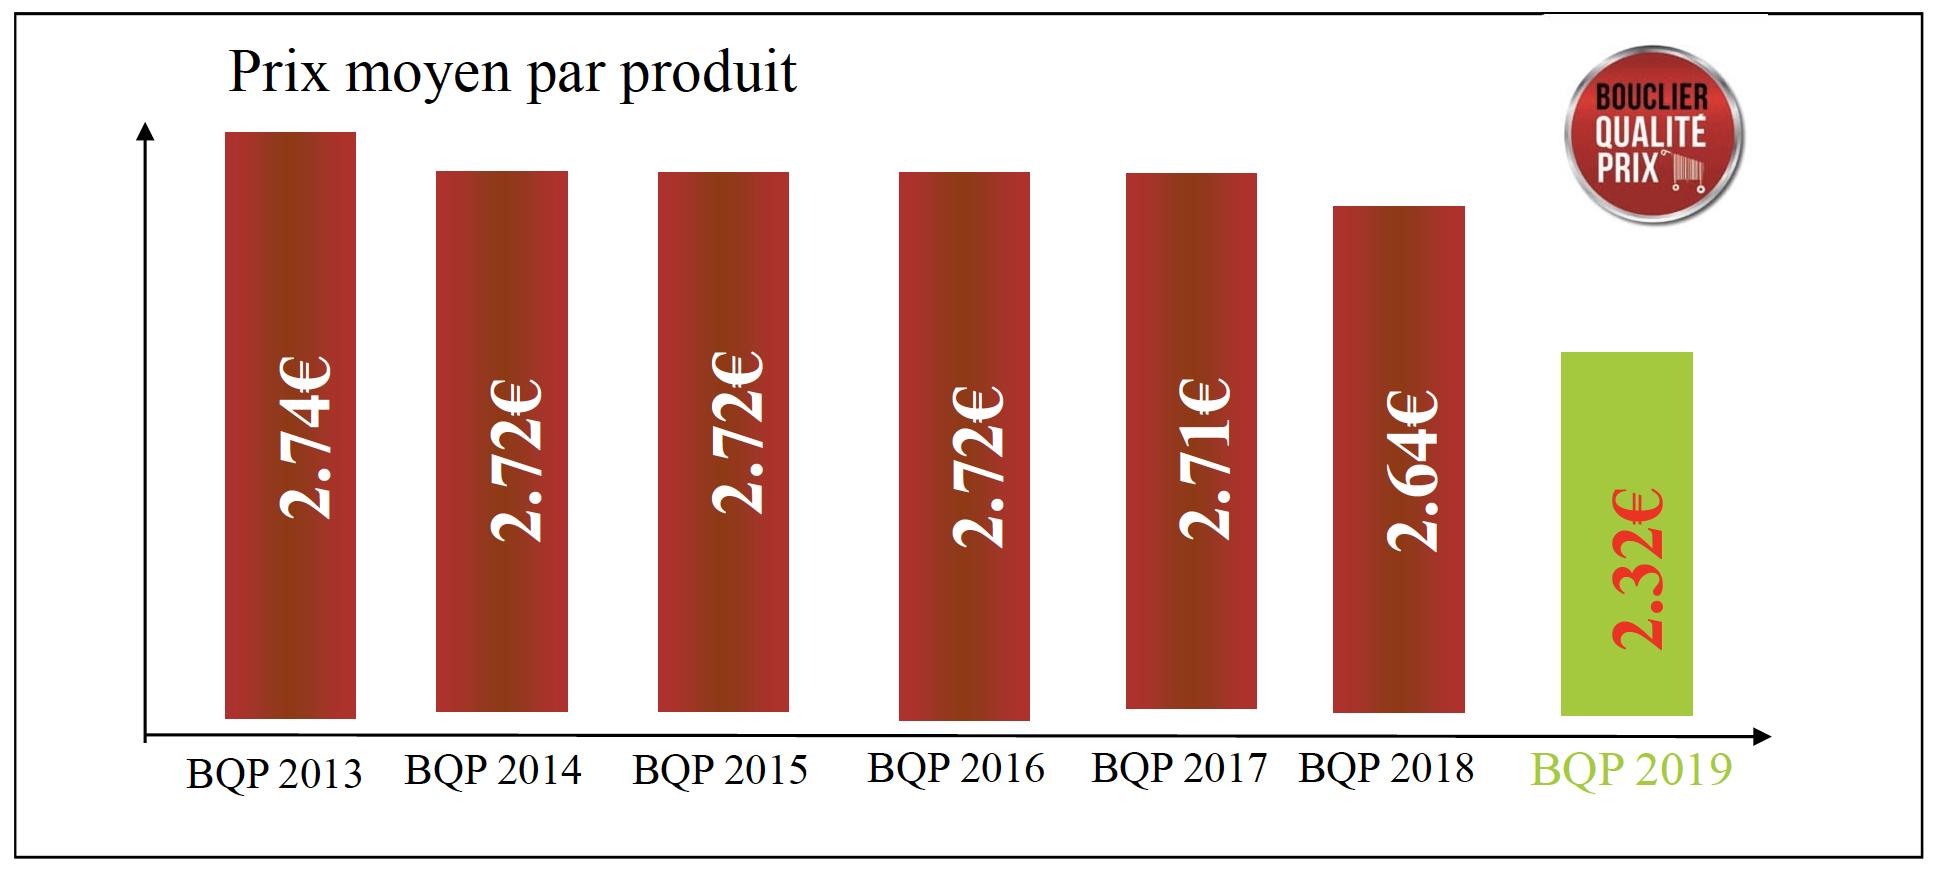 Evolution du prix moyen par produit Bouclier Qualité-Prix-2019